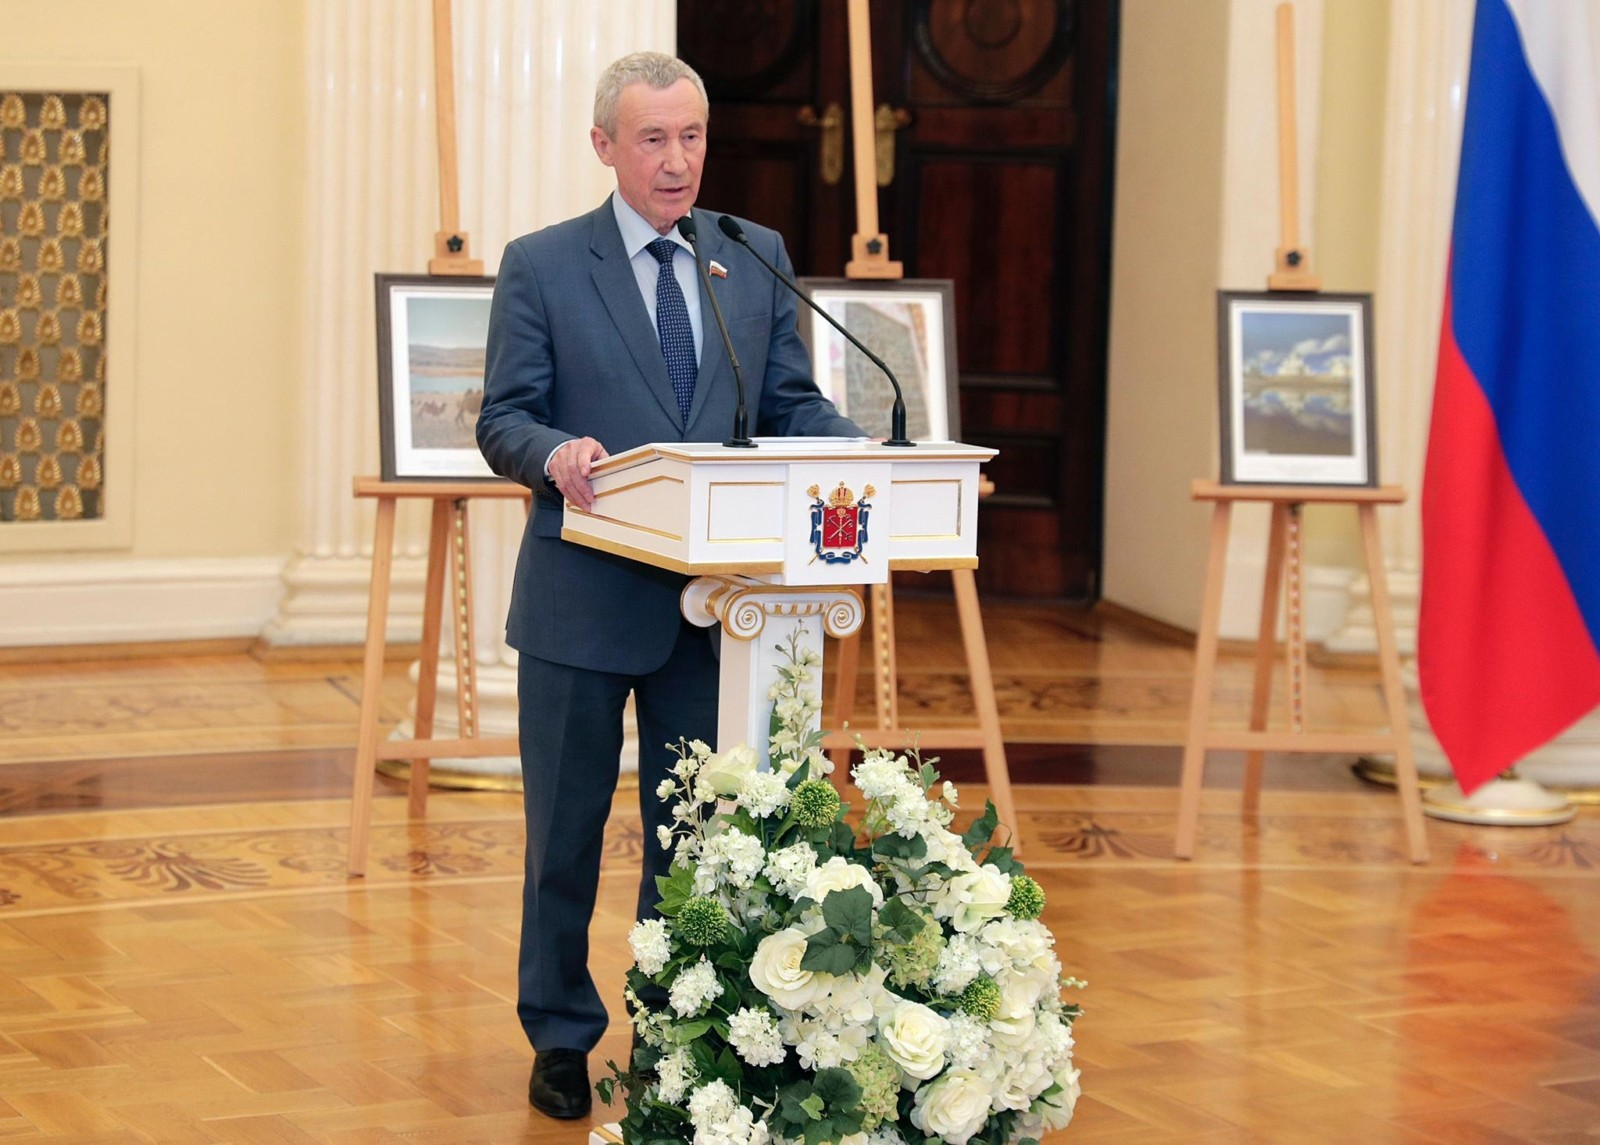 Заместитель председателя Комитета Совета Федерации России по международным делам Андрей Климов